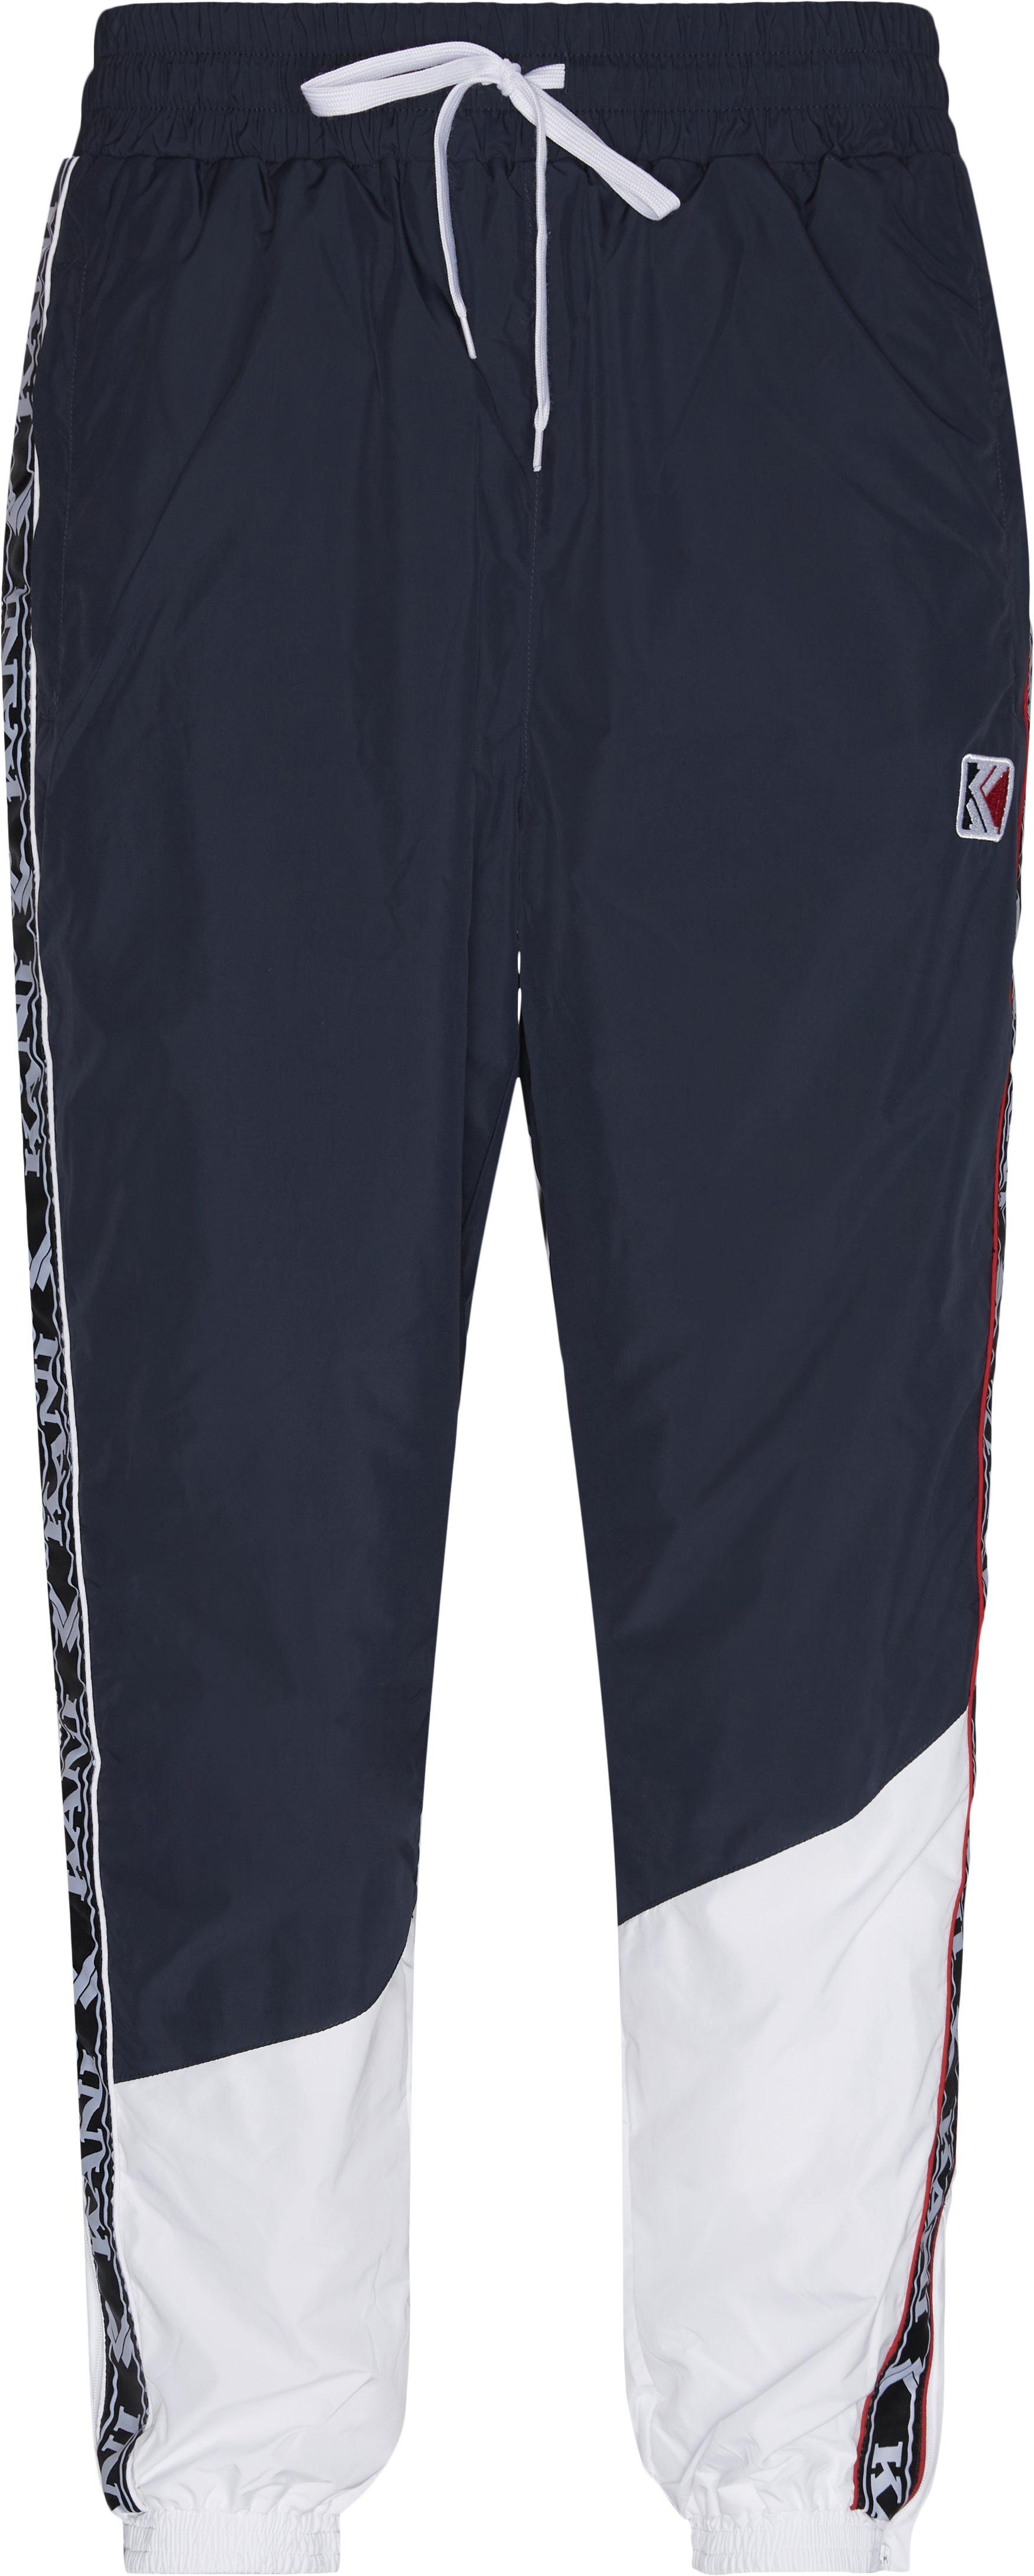 KK OG Tape Sweatpant - Bukser - Regular fit - Blå